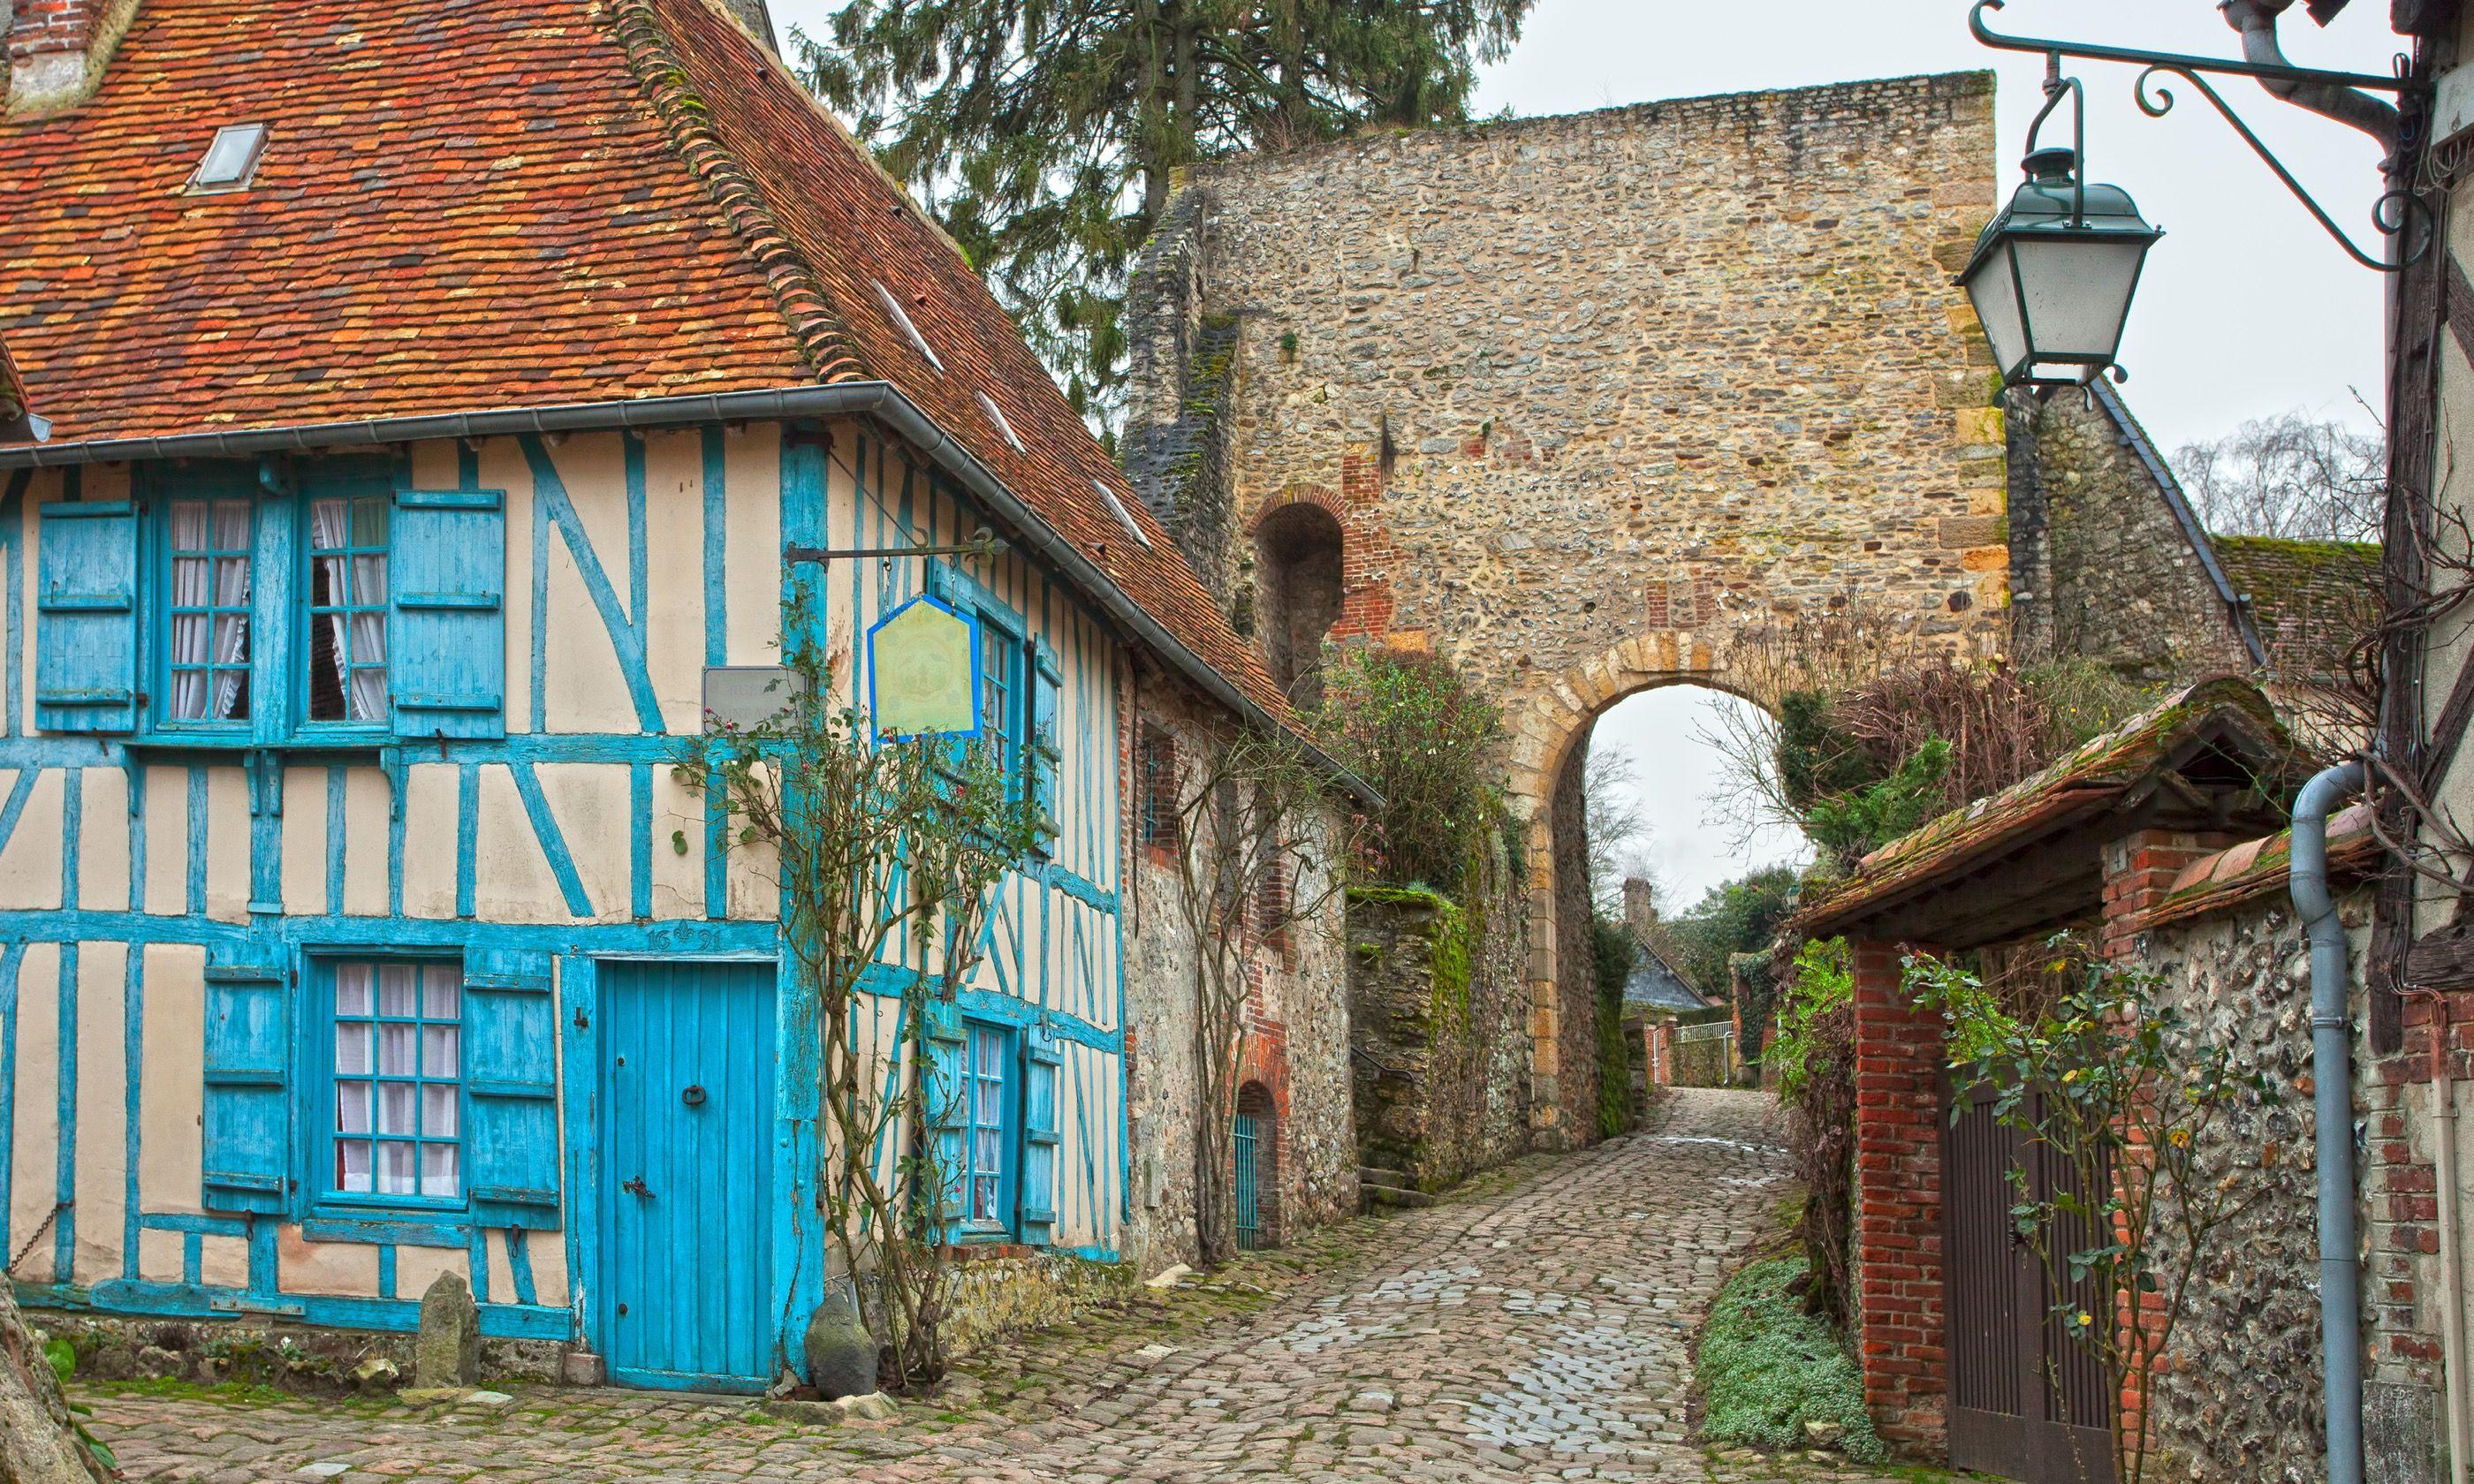 Gerberoy old town (Dreamstime)